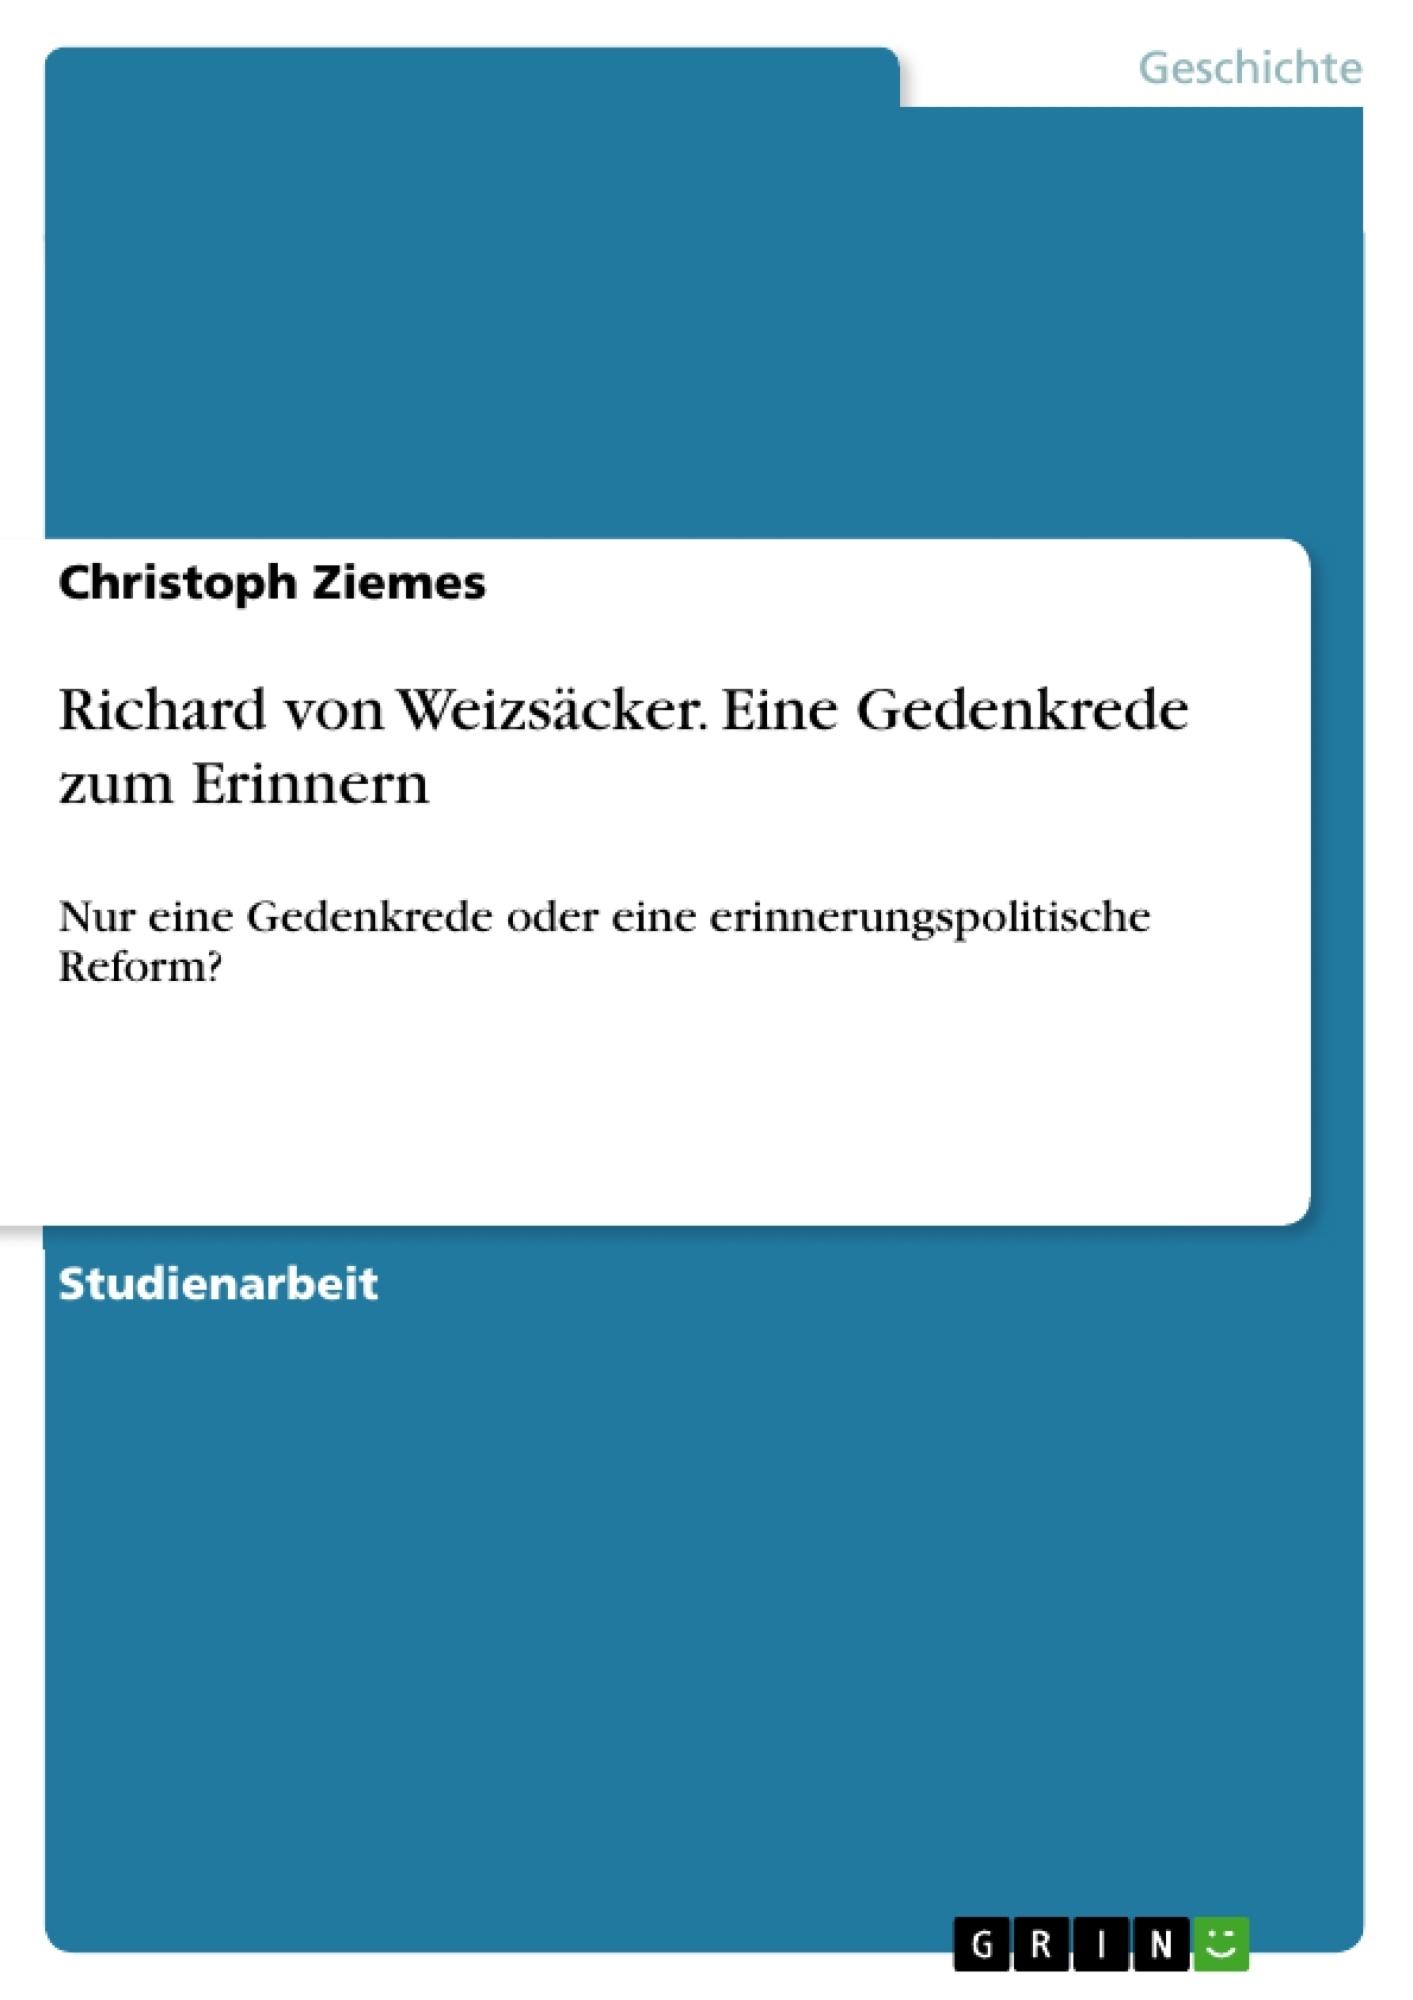 Titel: Richard von Weizsäcker. Eine Gedenkrede zum Erinnern